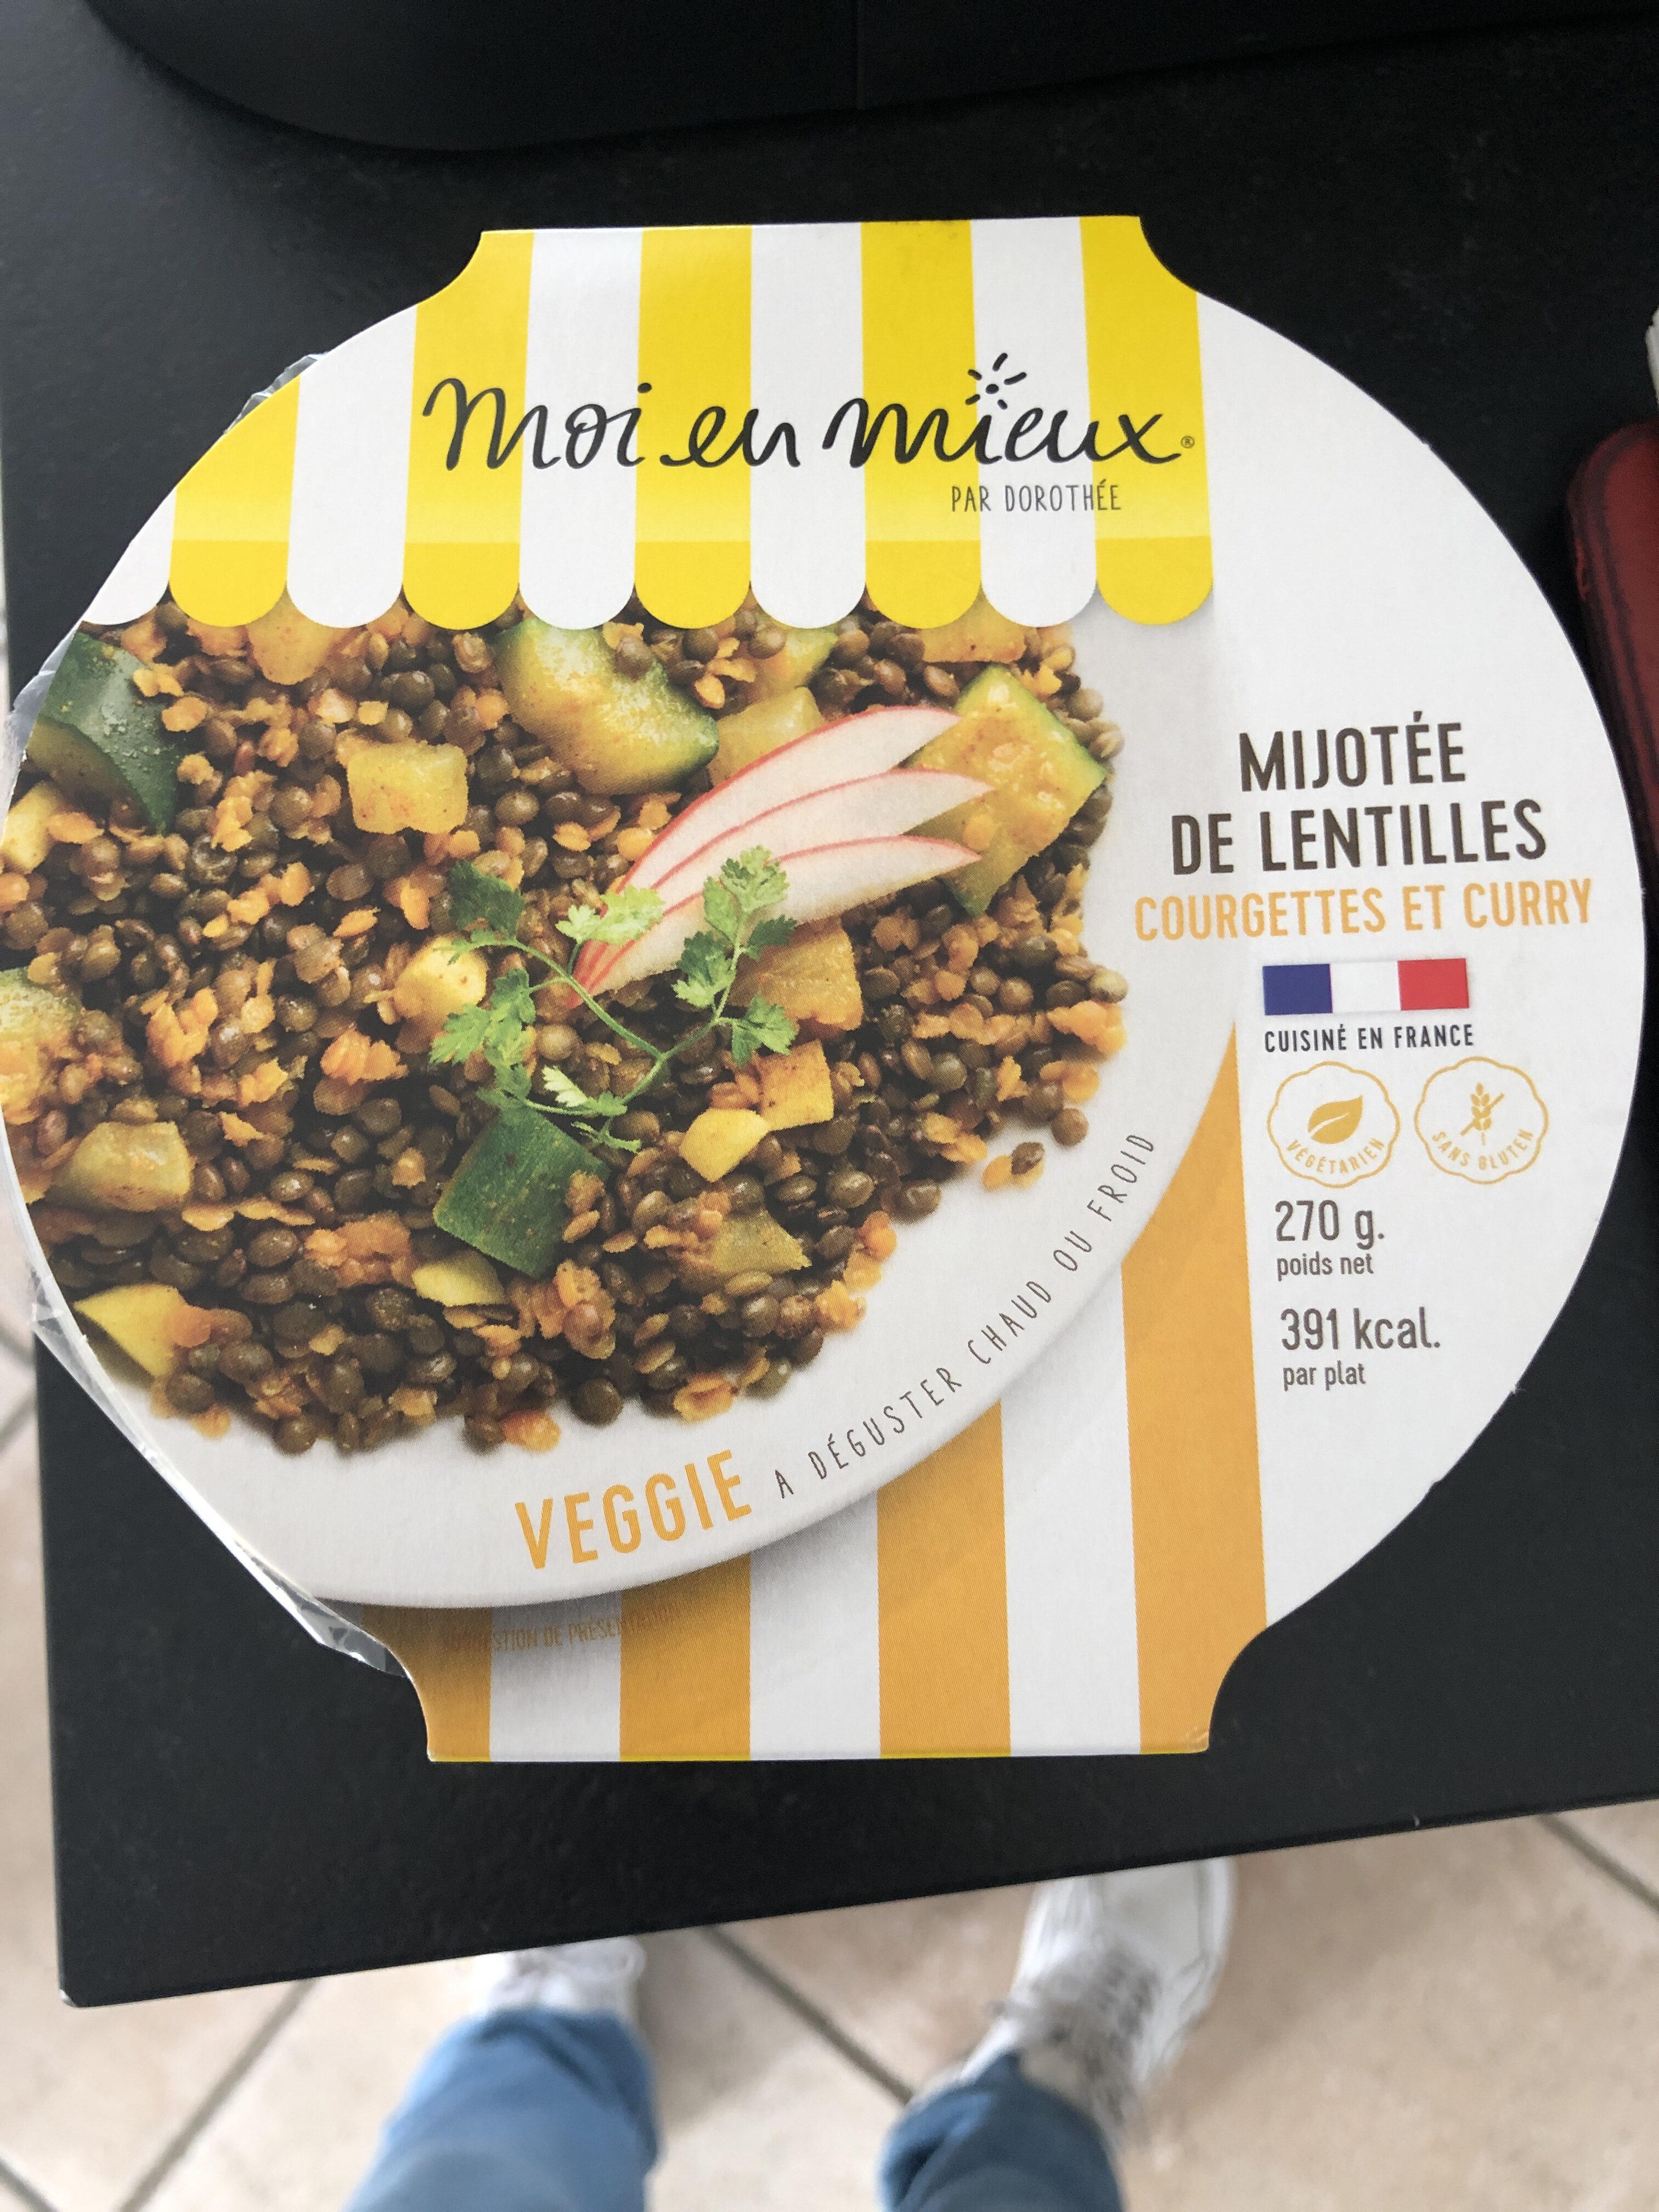 Mijotée de lentille - Produit - fr